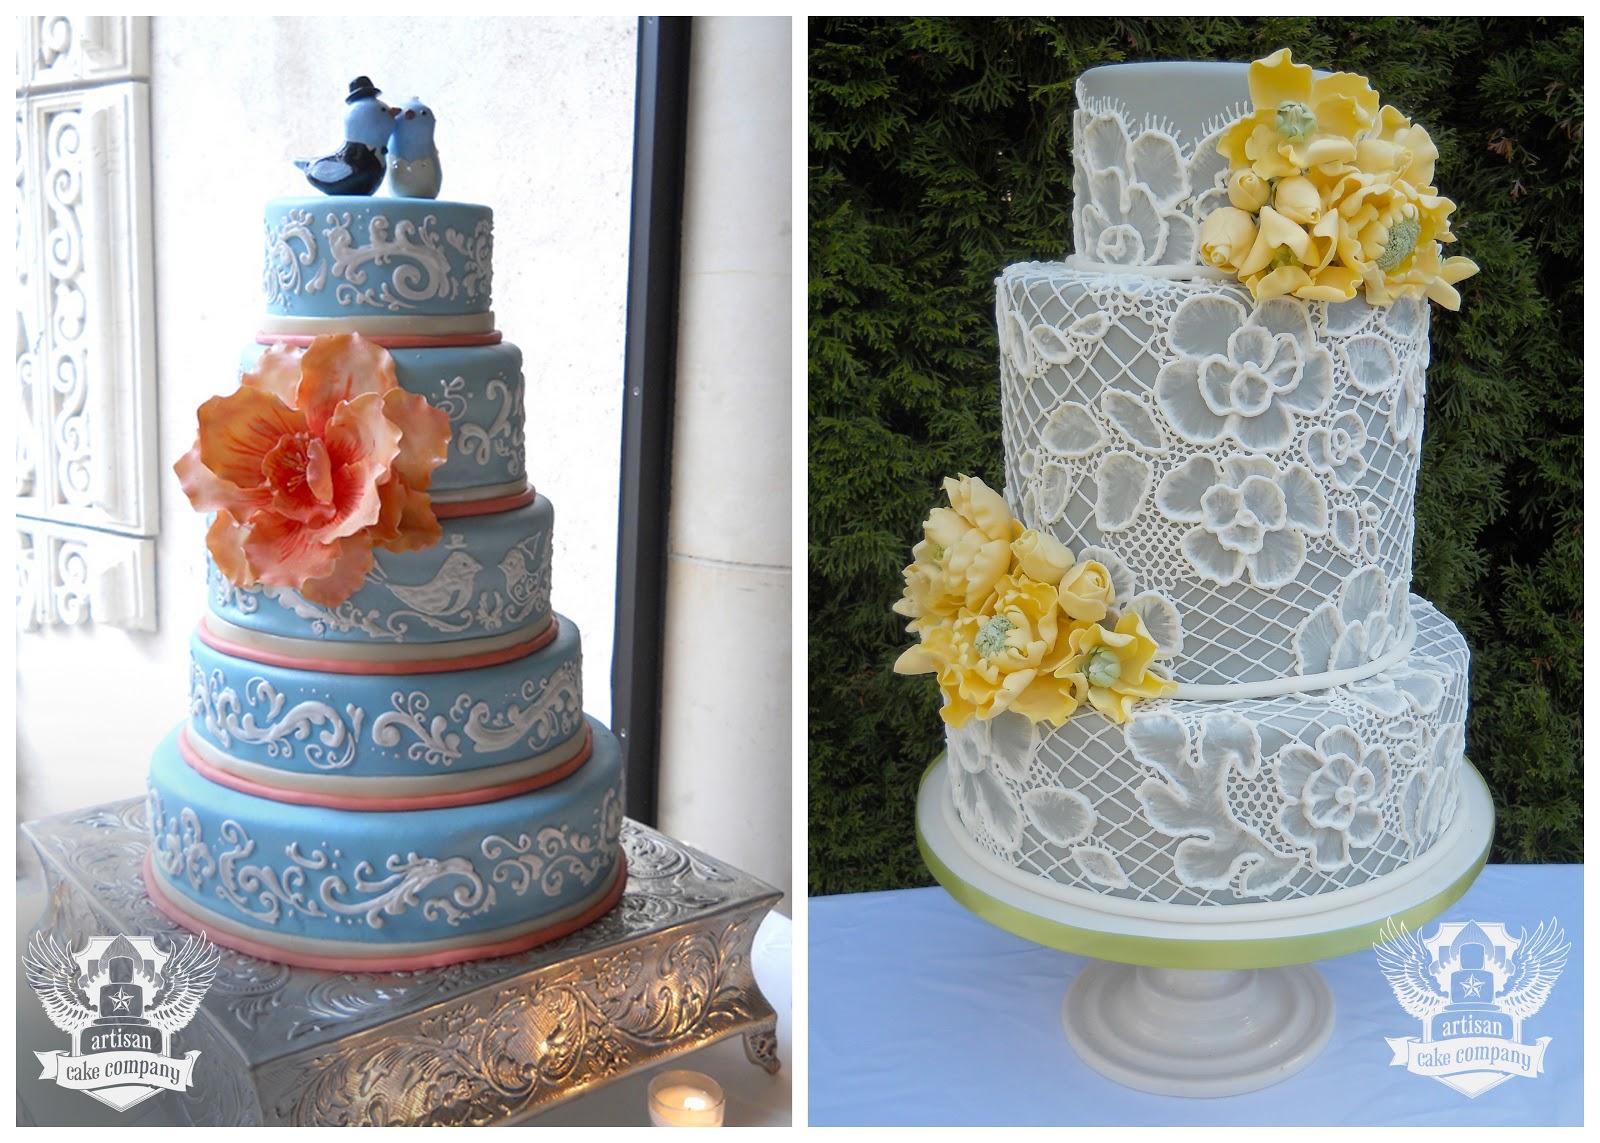 Artisan Cake Company : Marry ME! Event Blog: Marry Me! 2013 Cake Showcase ...